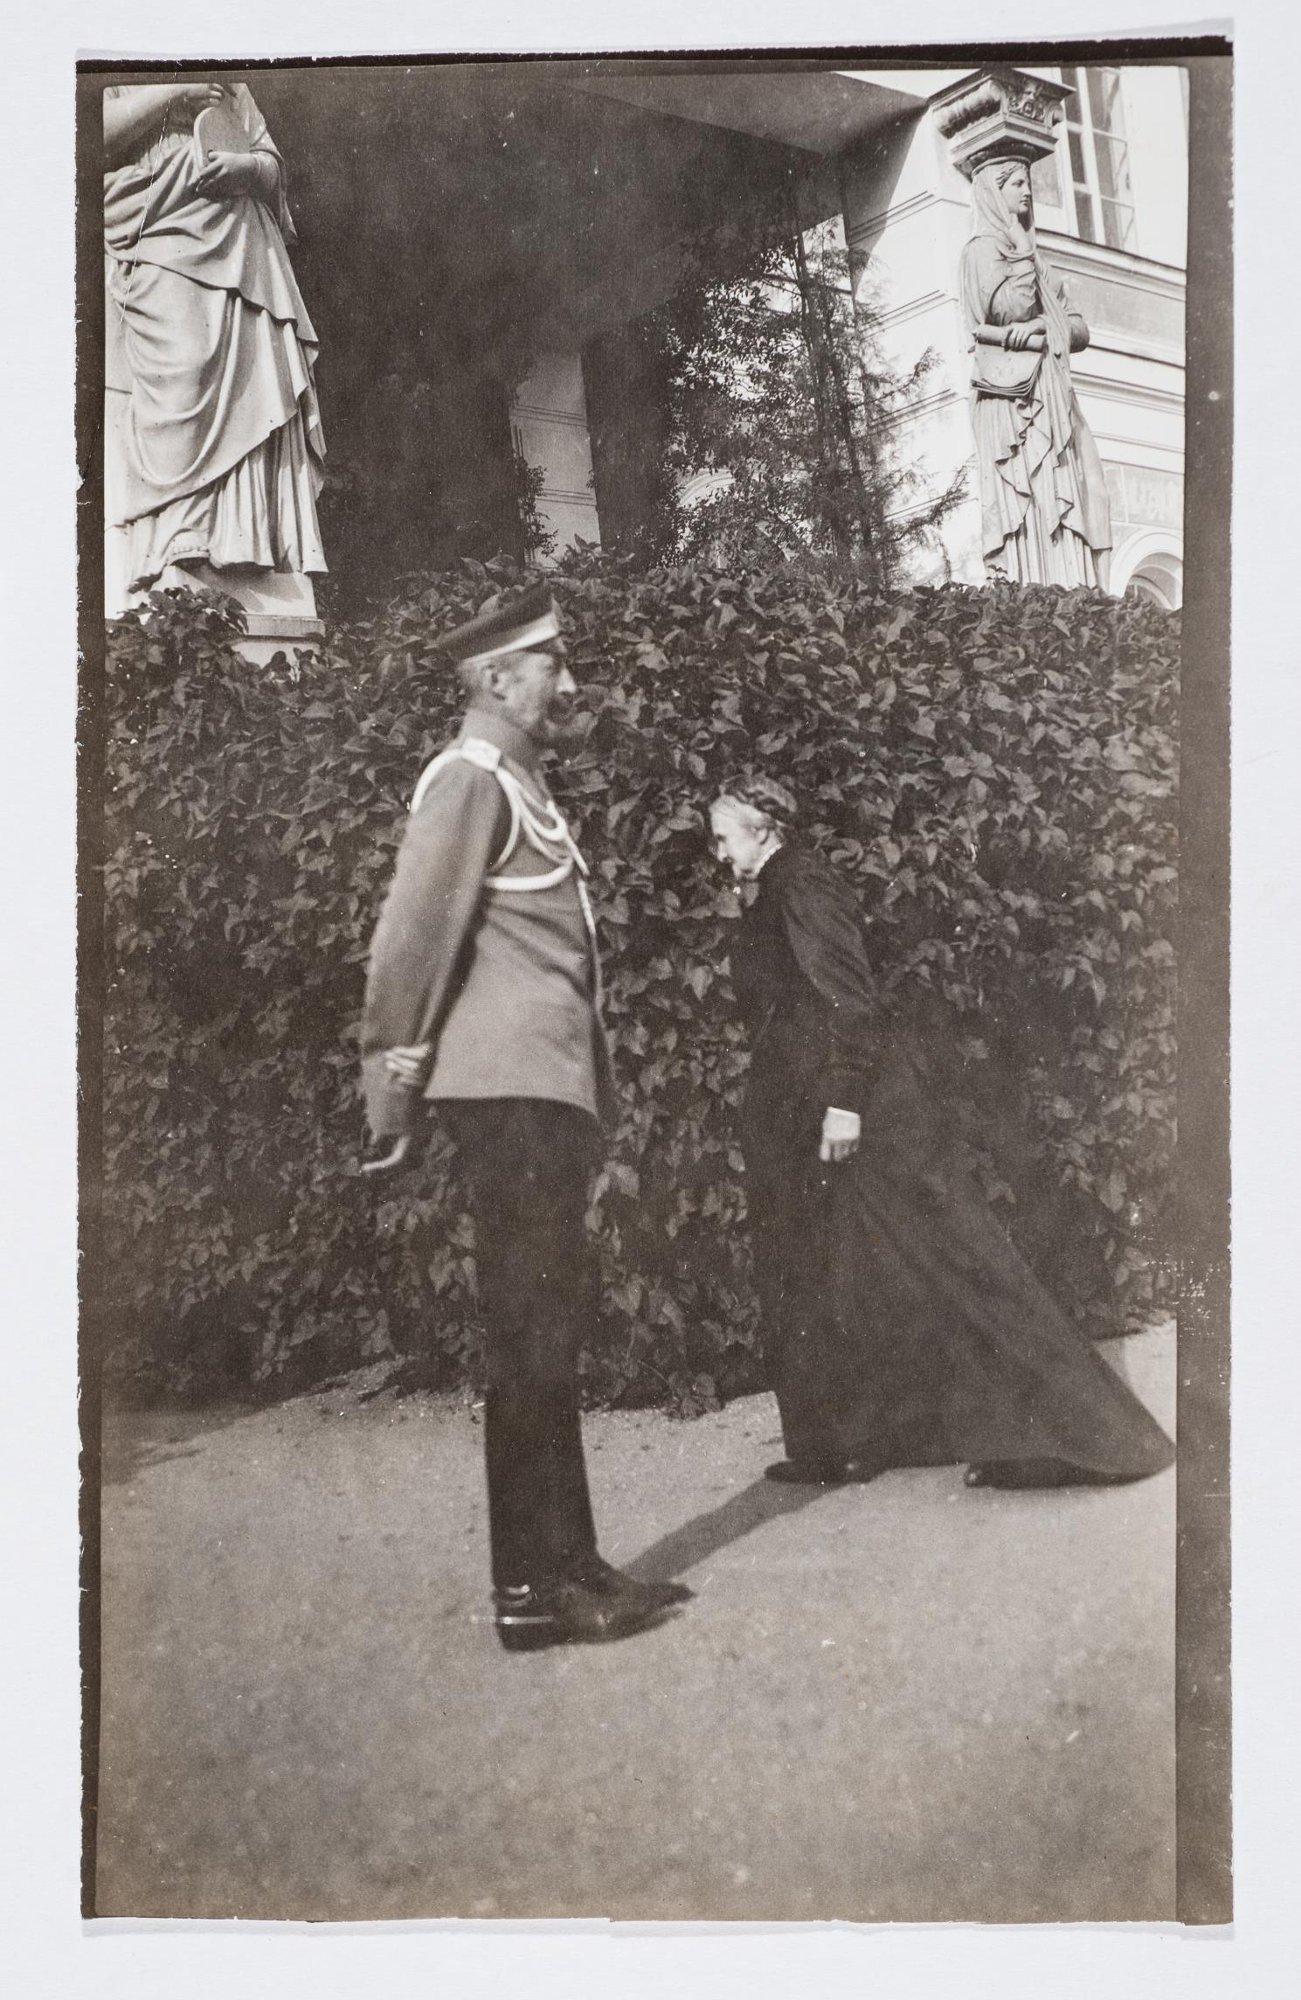 1912. Великий князь Константин Константинович и Прасковья Сергеевна Уварова в Поречье